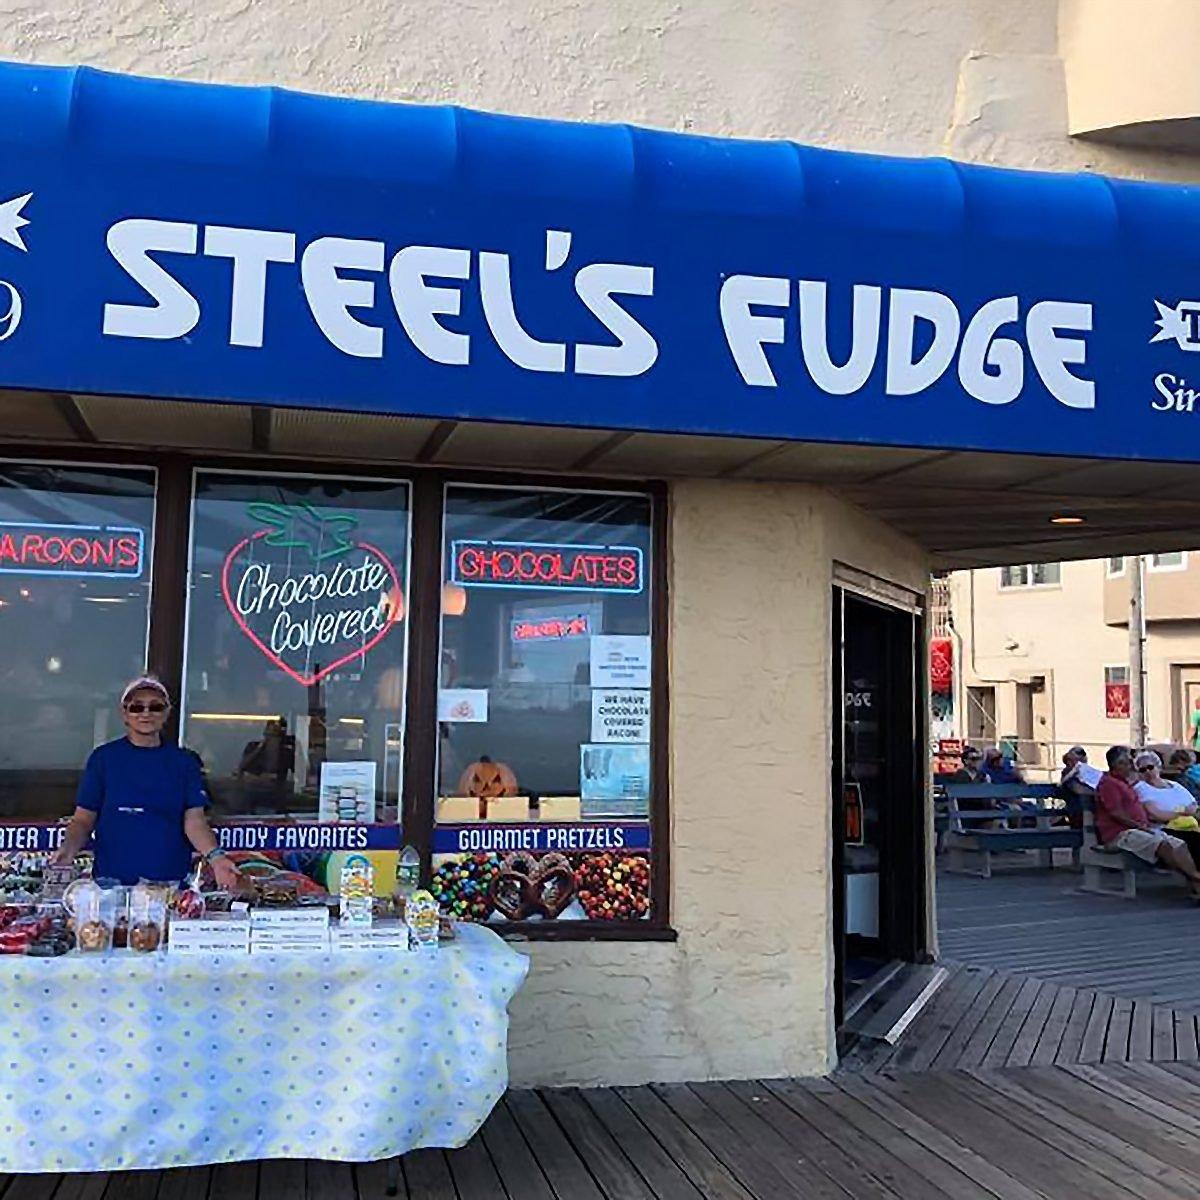 The Best Fudge Shop in New Jersey - Steel's Fudge